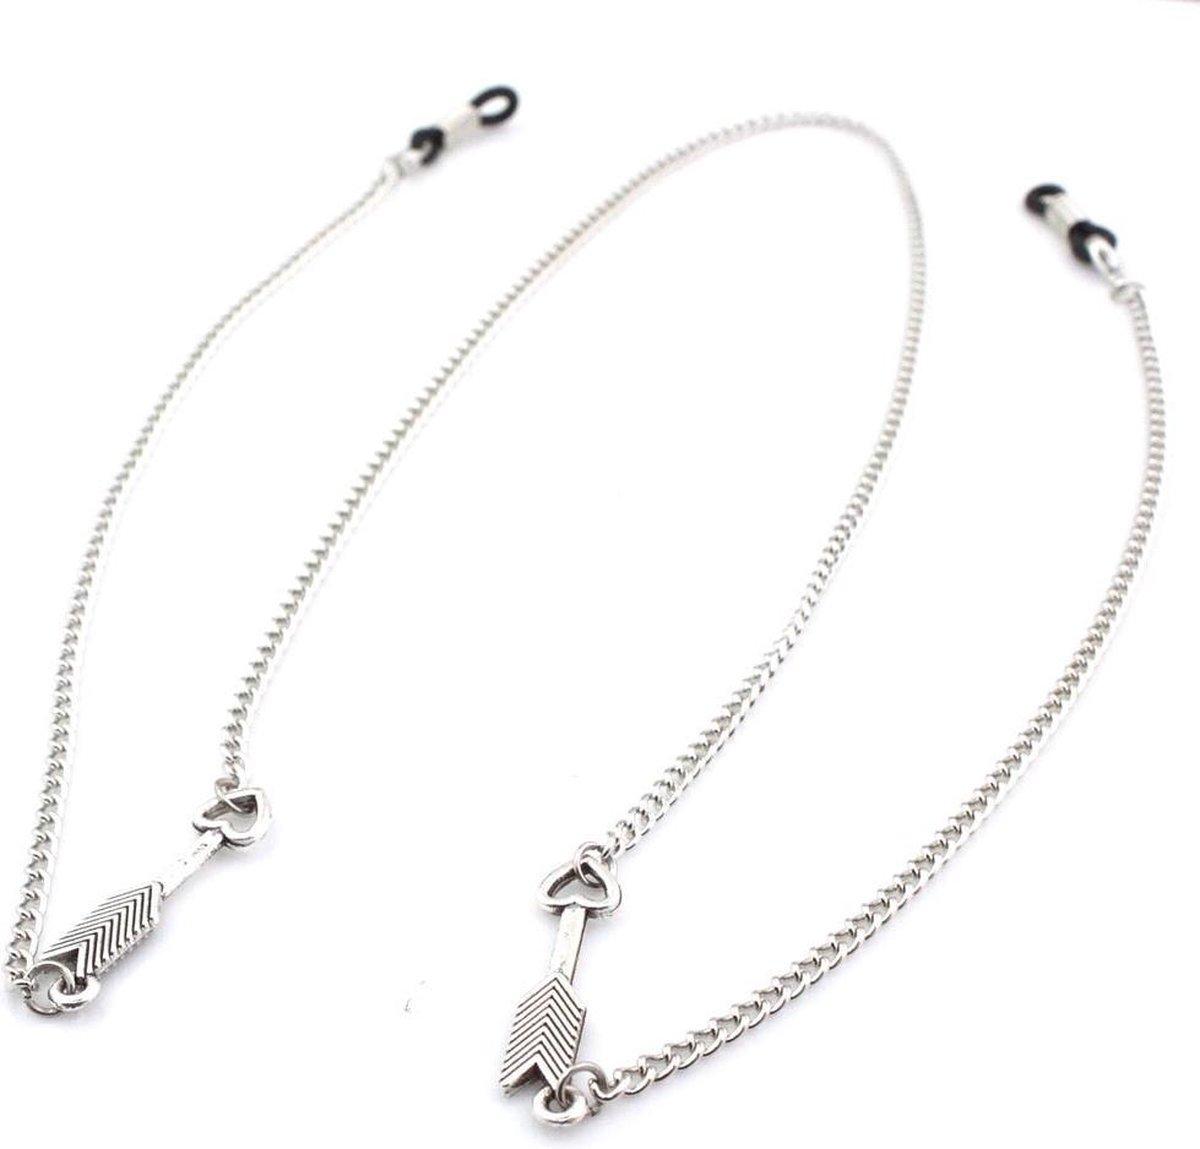 Brillenkoord - Kettinkje voor Zonnebril - Pijltjes met Hart - 78cm - Zilverkleurig - Dielay - Dielay